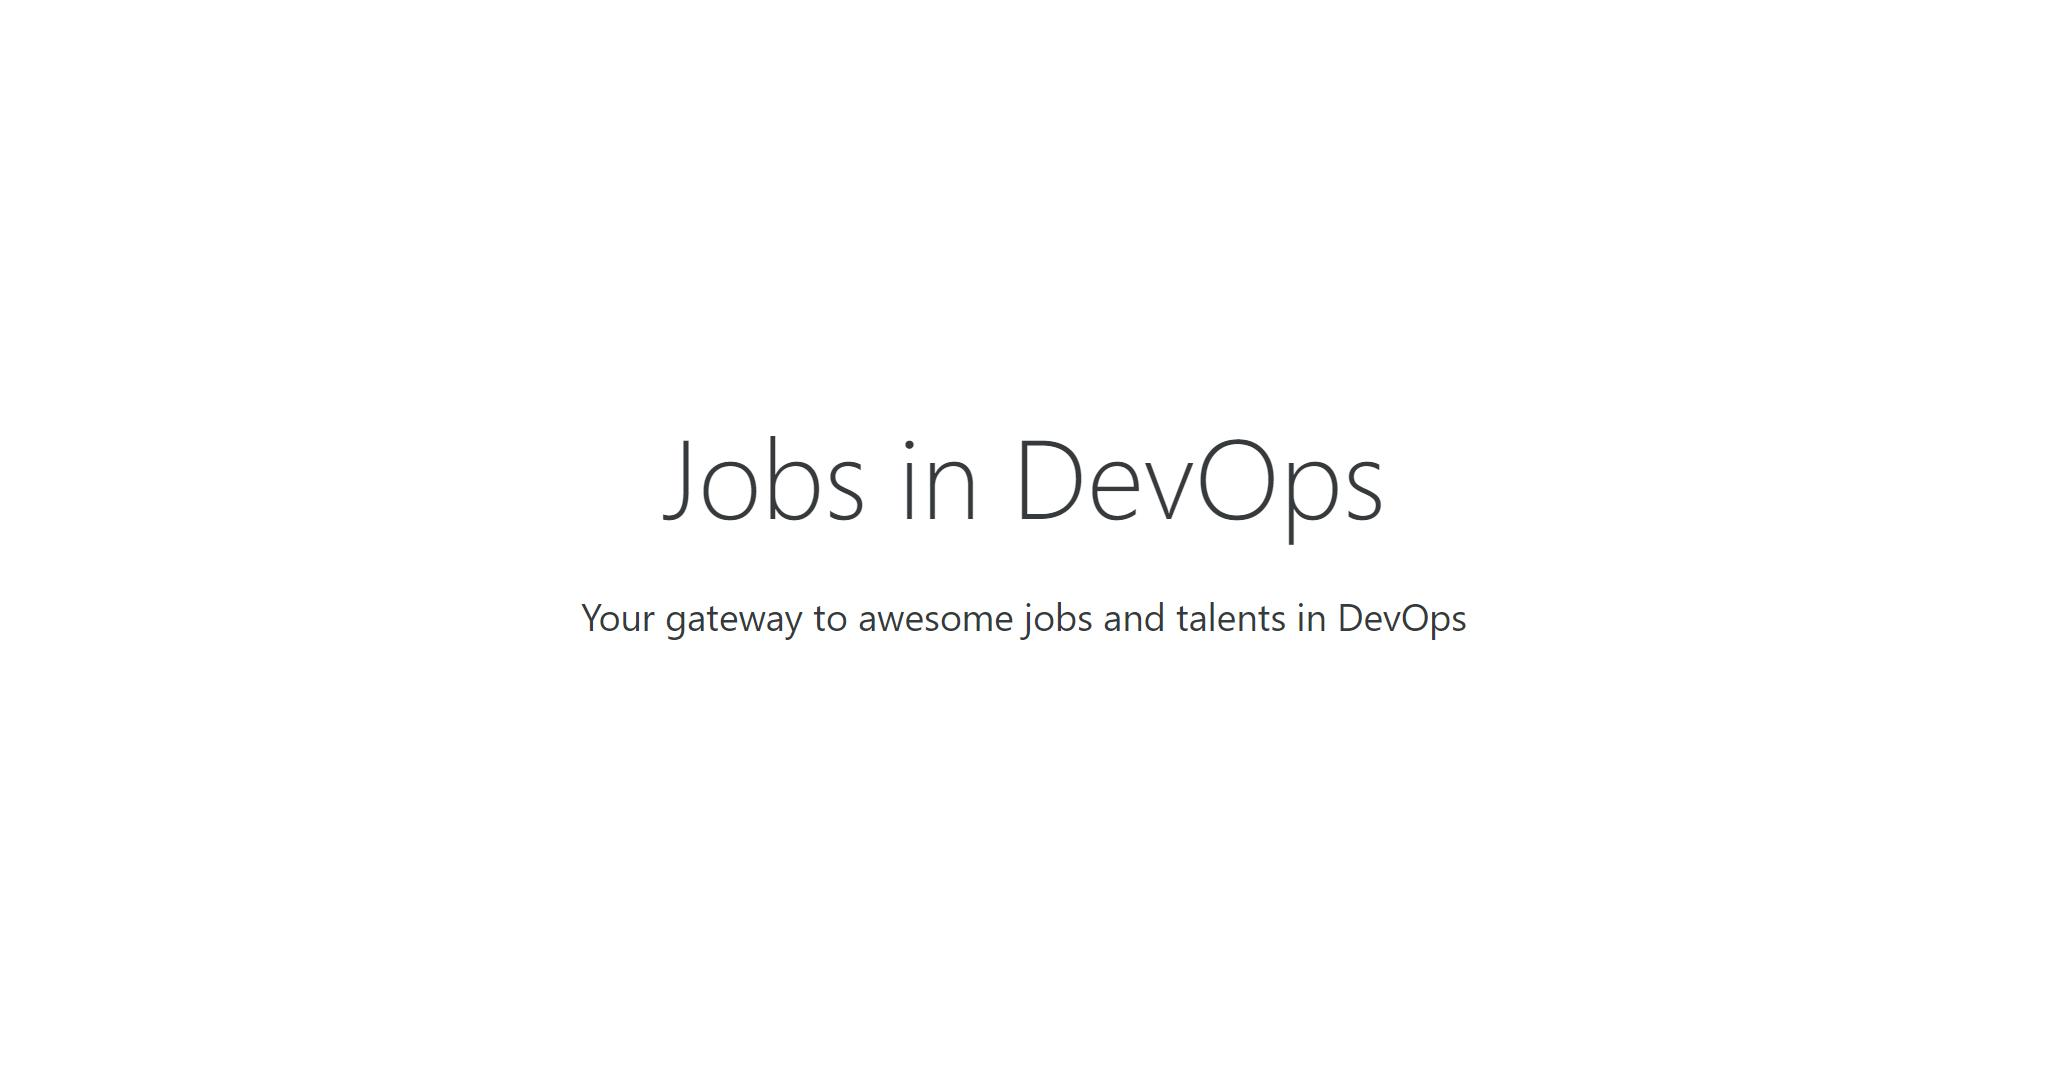 DEVOPS-JOBS.NET